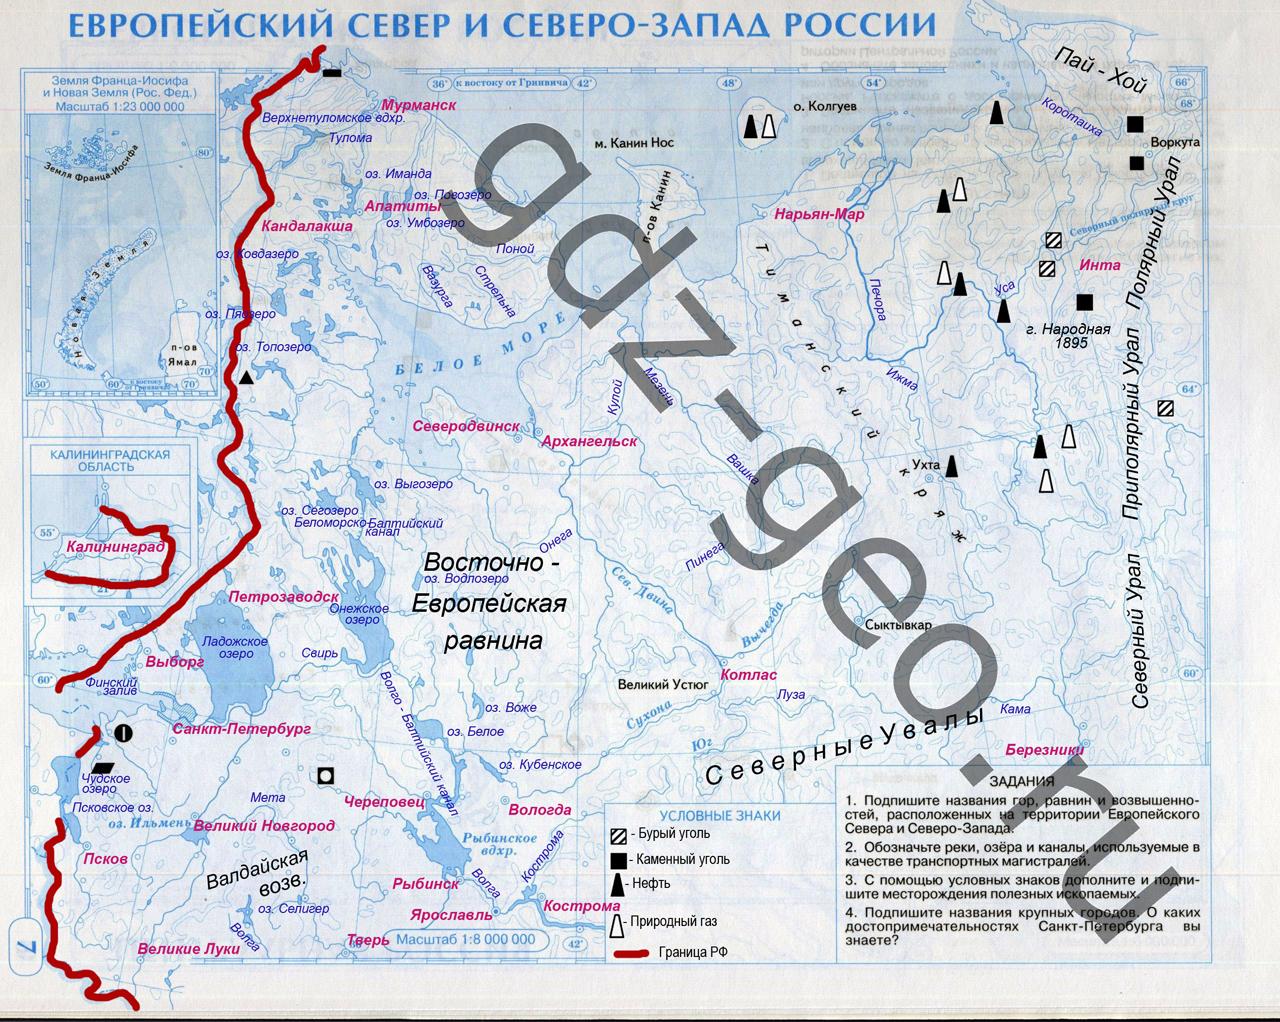 гдз география россий 8